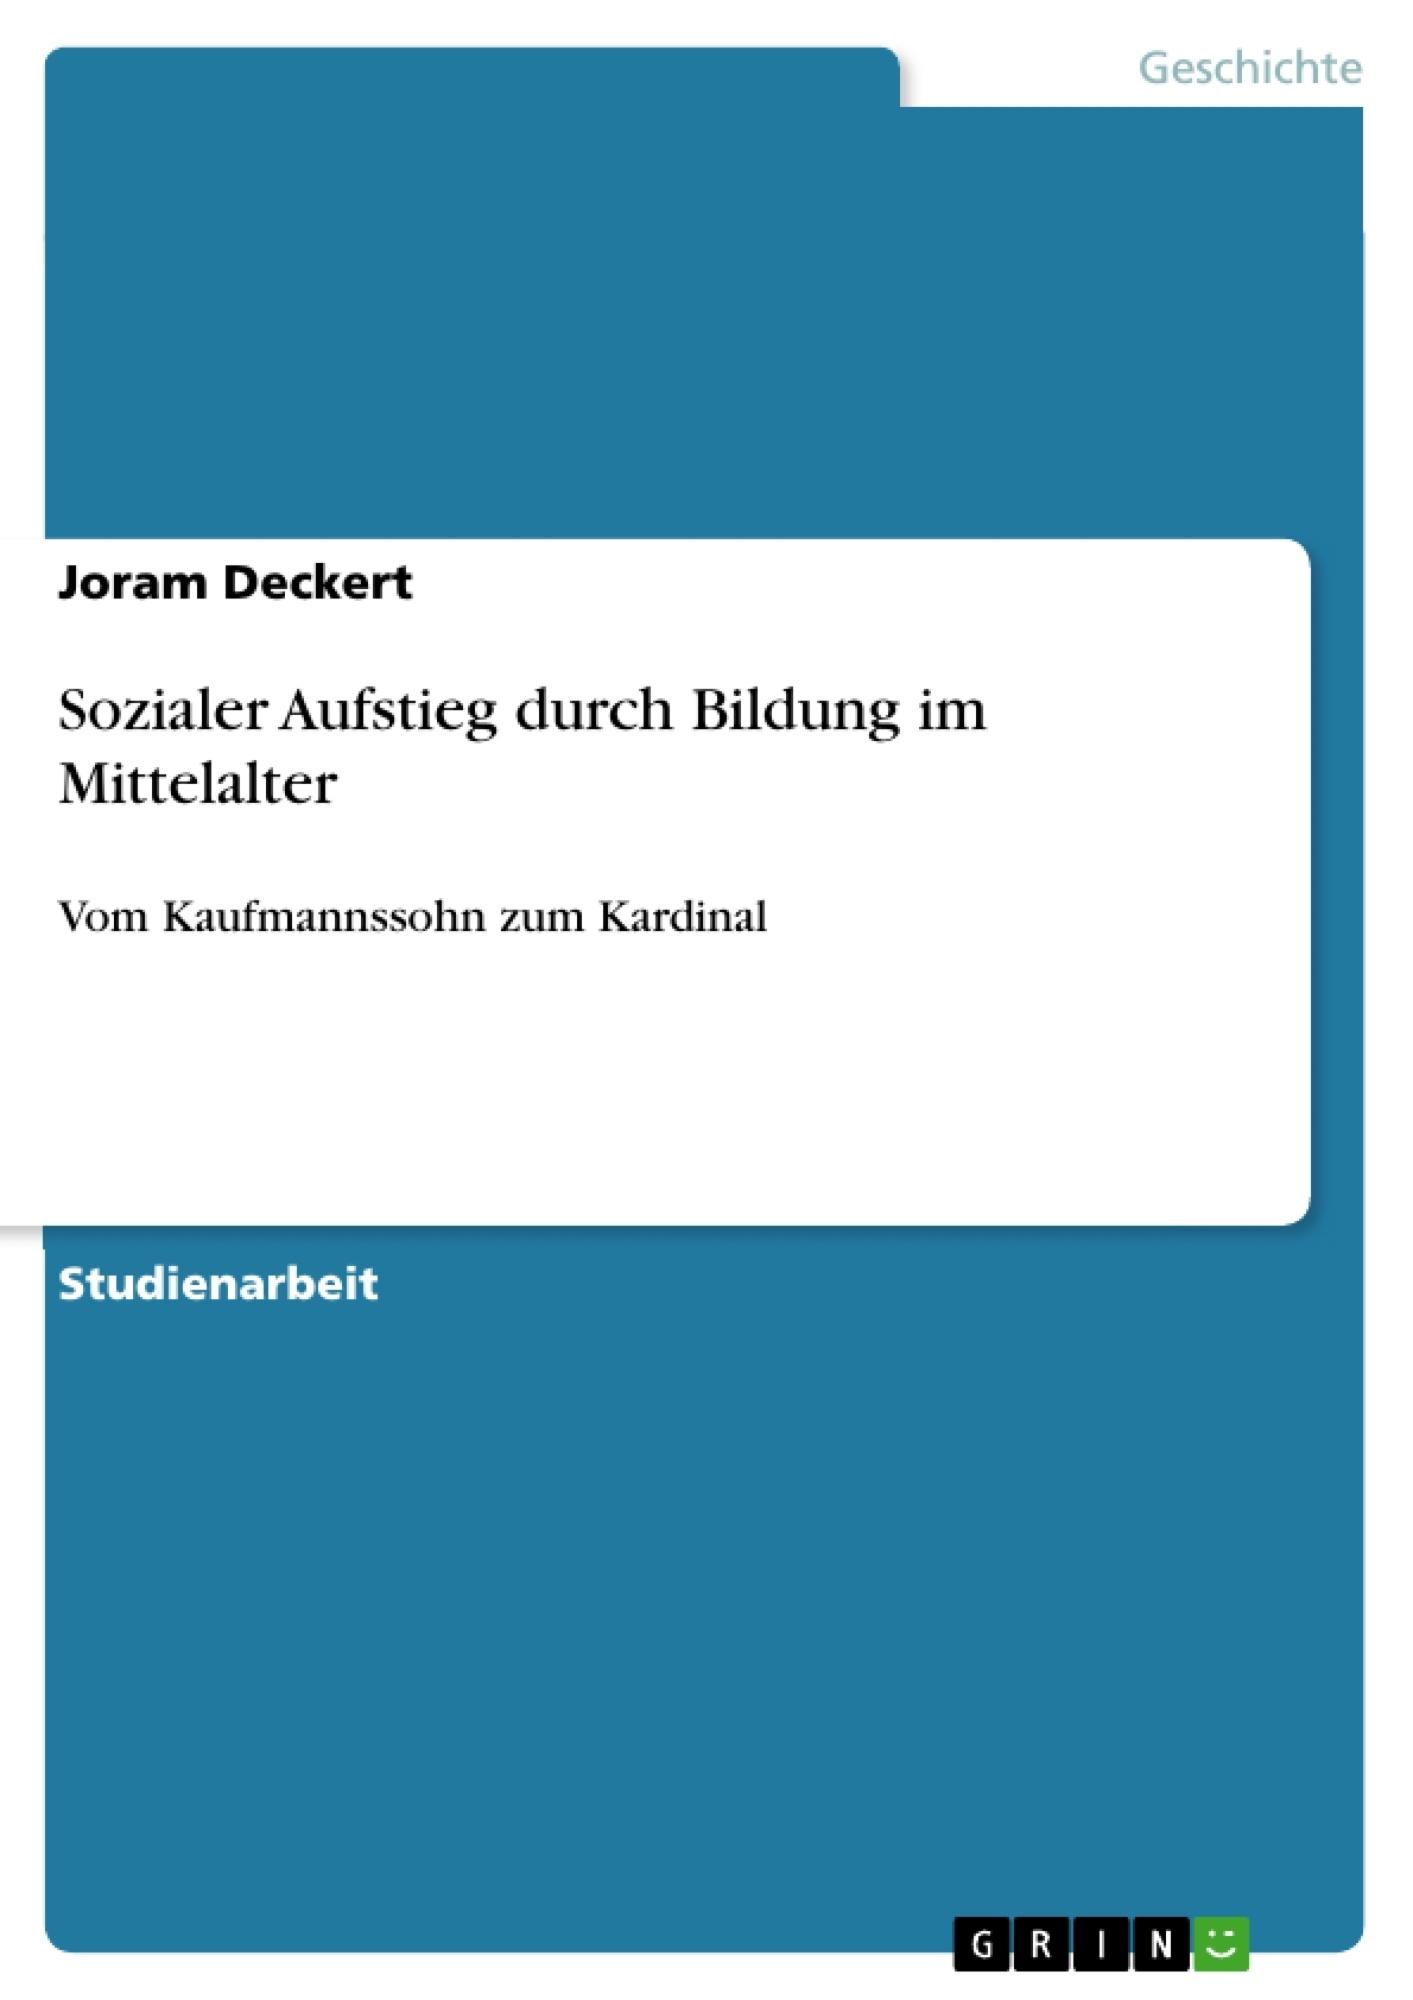 Titel: Sozialer Aufstieg durch Bildung im Mittelalter